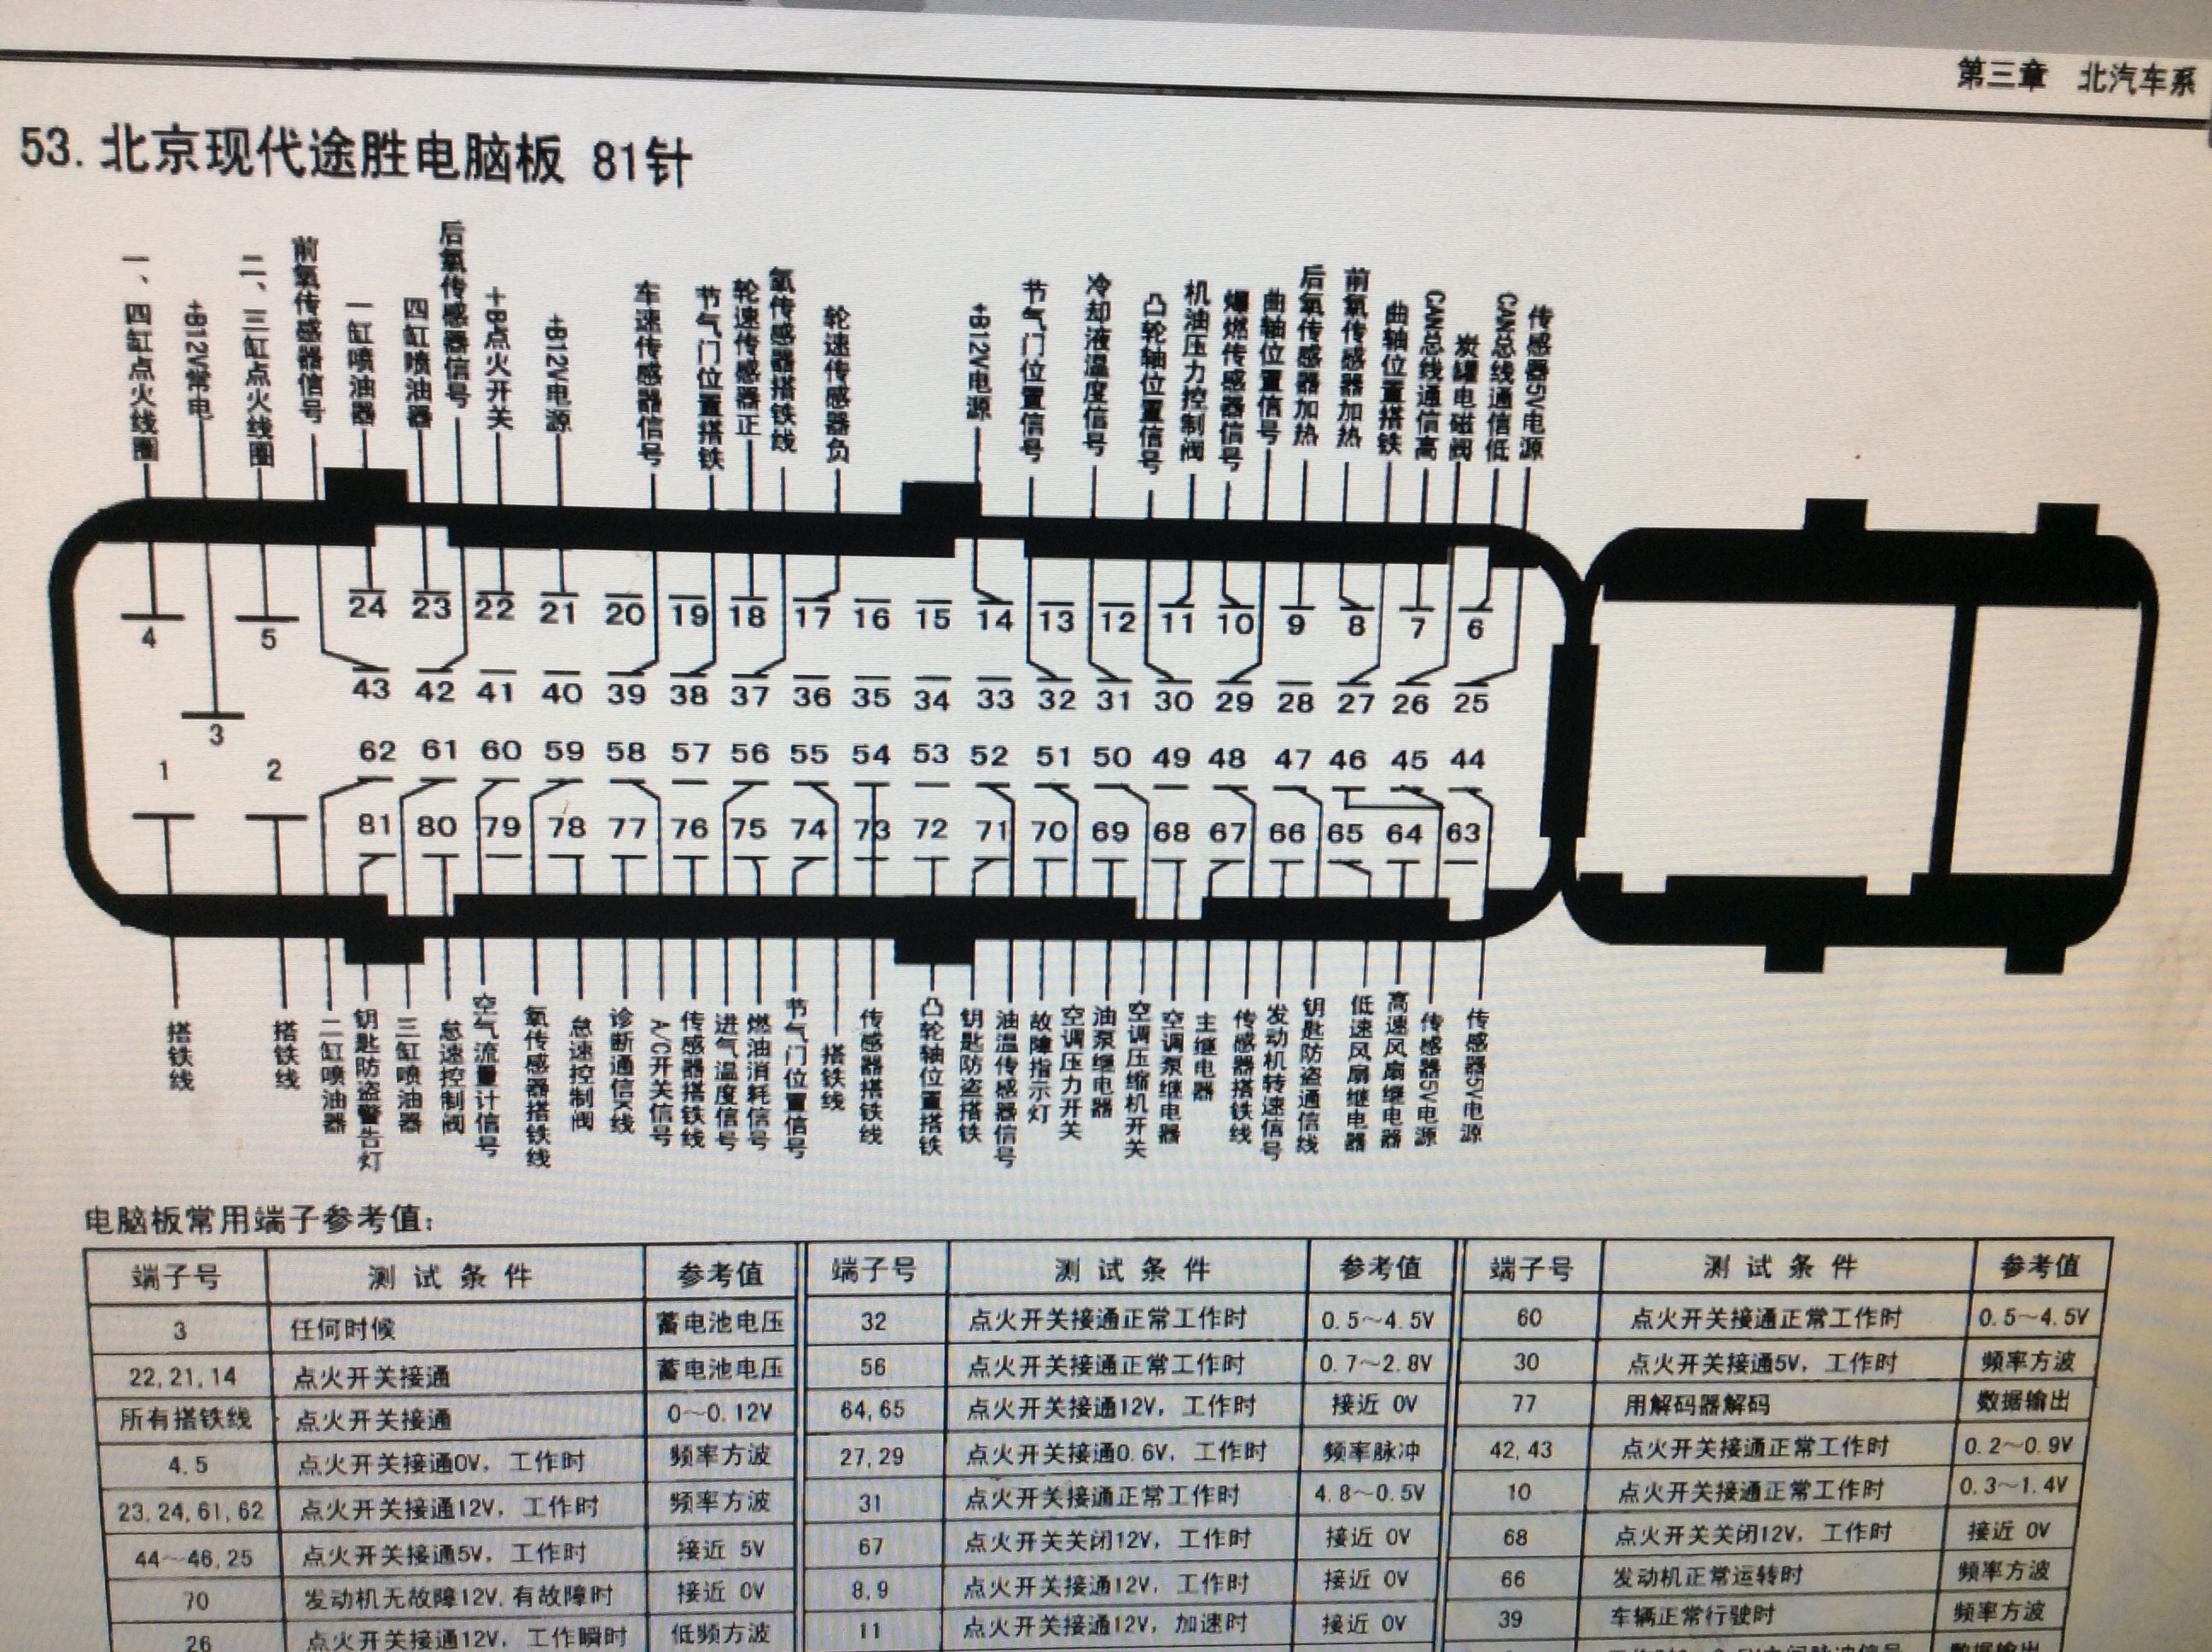 伊兰特cd24插头接线图